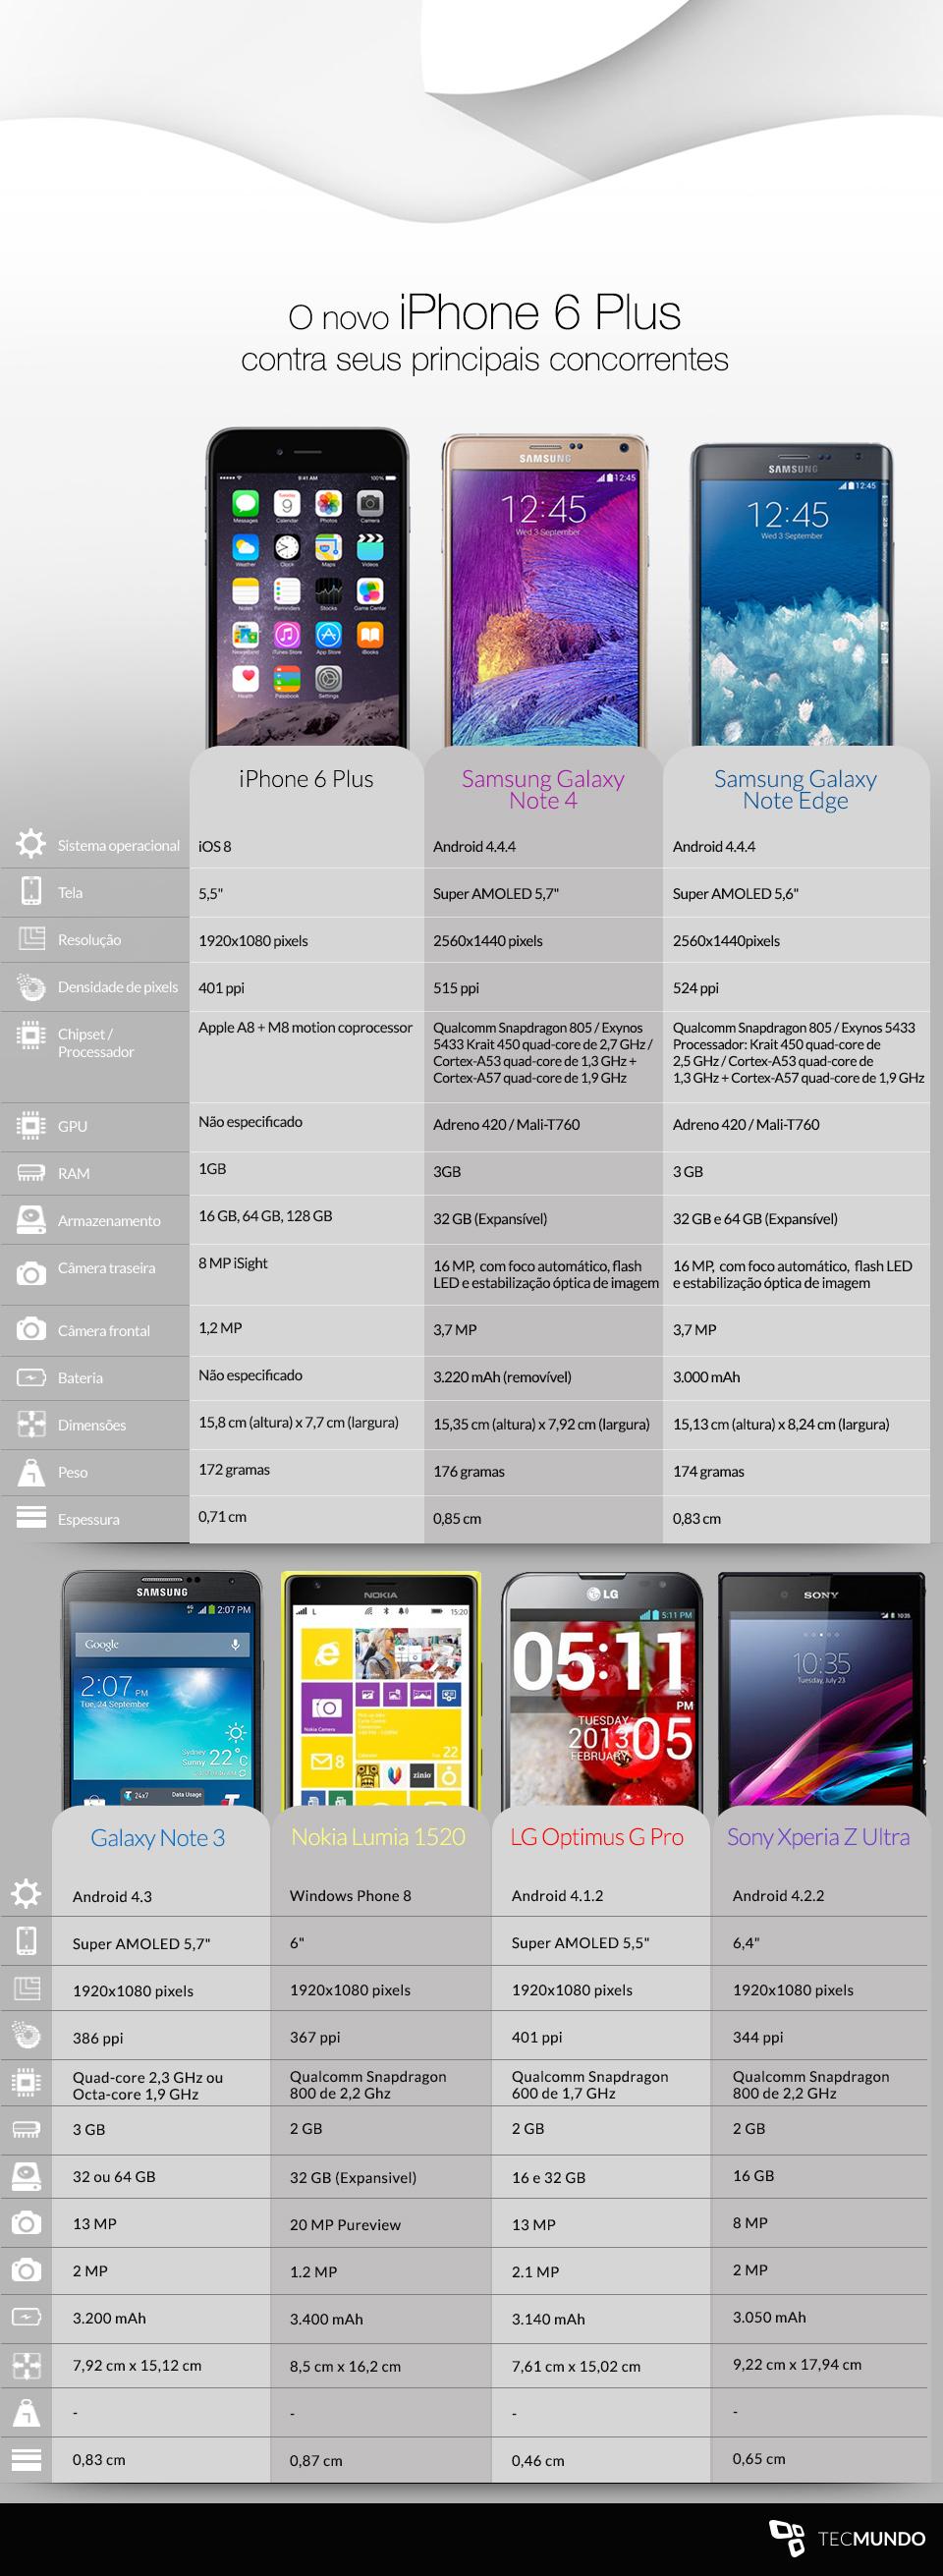 Comparação: iPhone 6 Plus contra os principais phablets do mercado